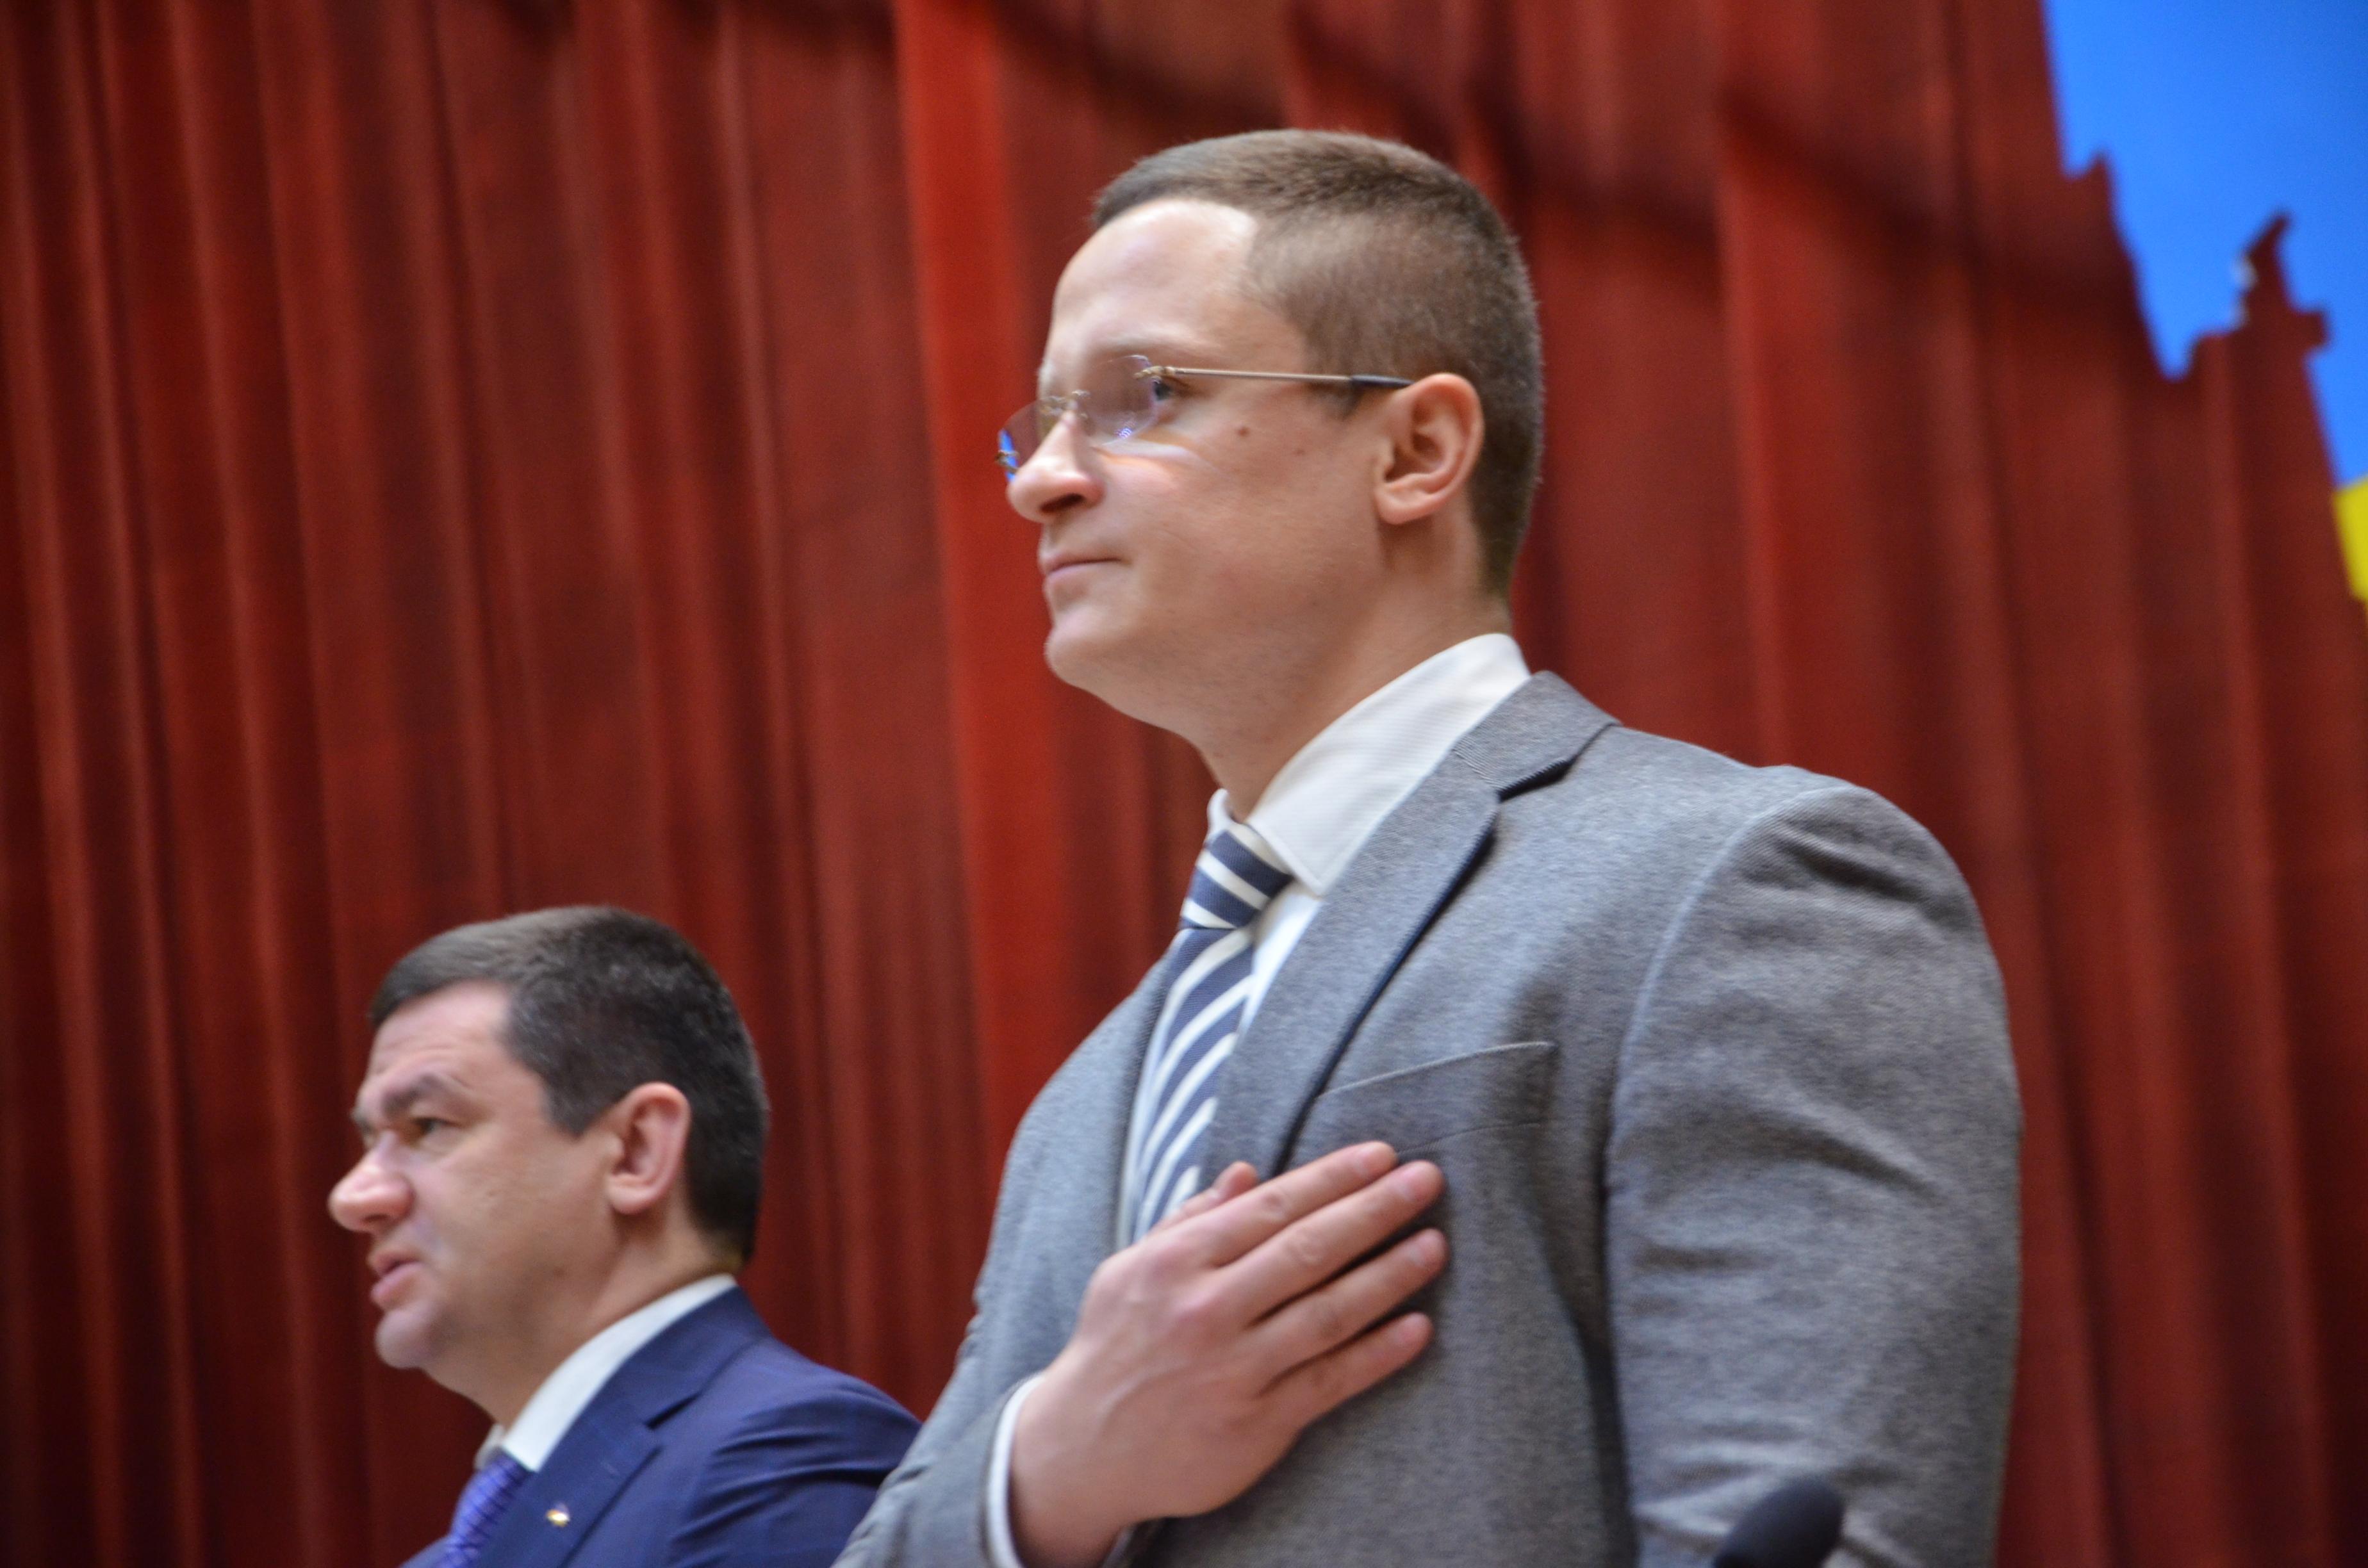 Замглавы областного совета призвал прекратить одобрять «бюджеты проедания» для районных больниц